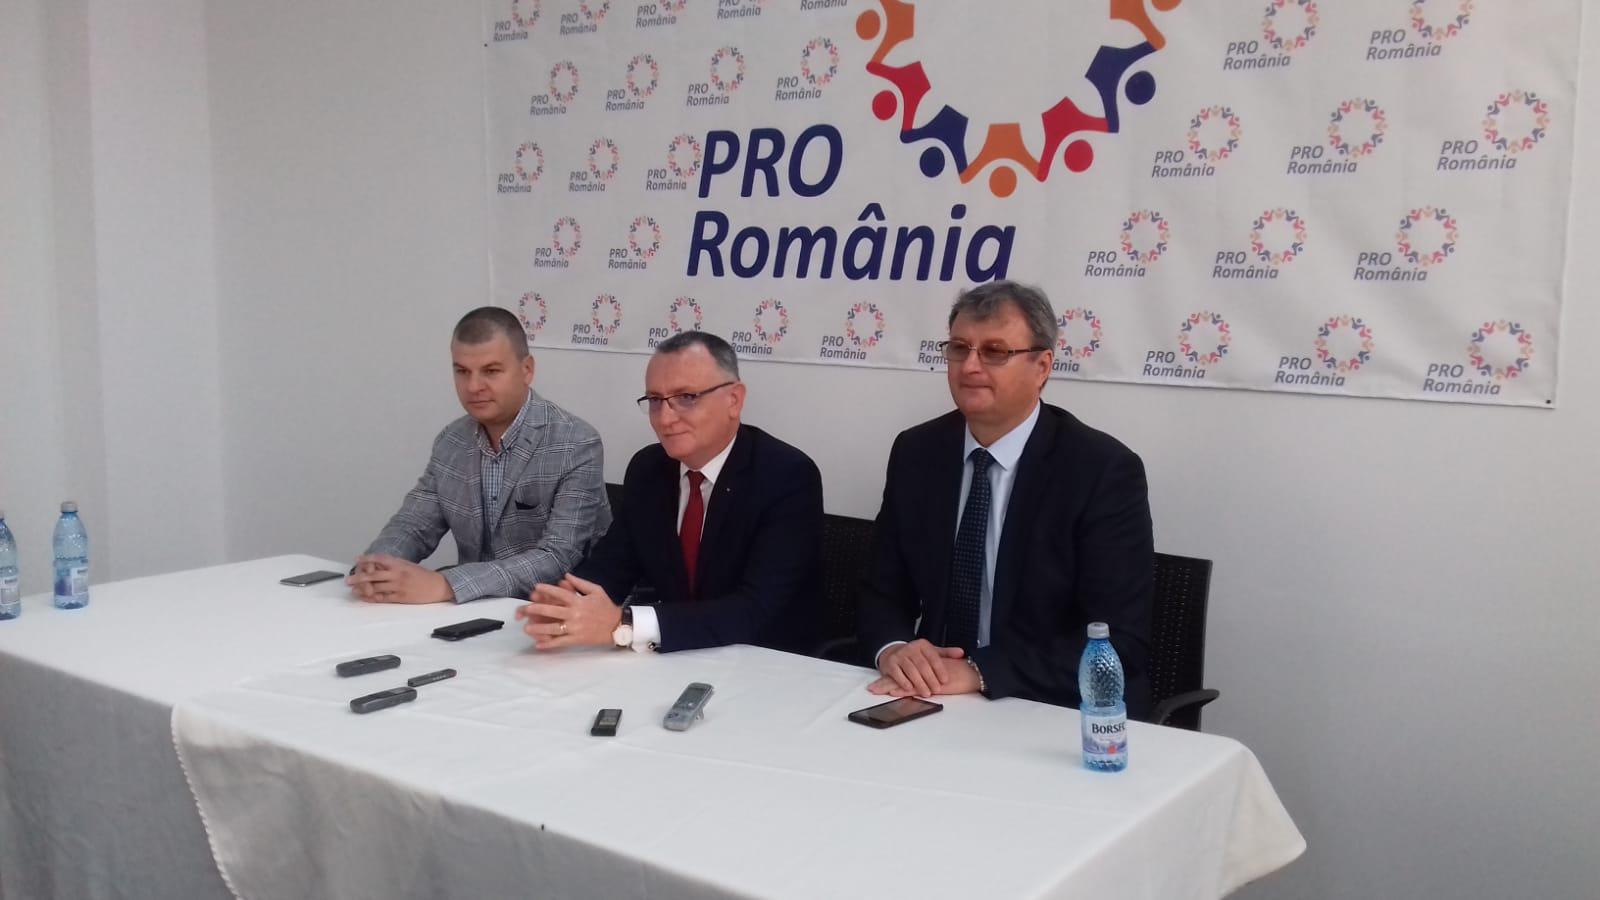 """Sorin Câmpeanu (PRO România): """"Incapacitatea de plată a pensiilor şi salariilor, un scenariu realist"""""""